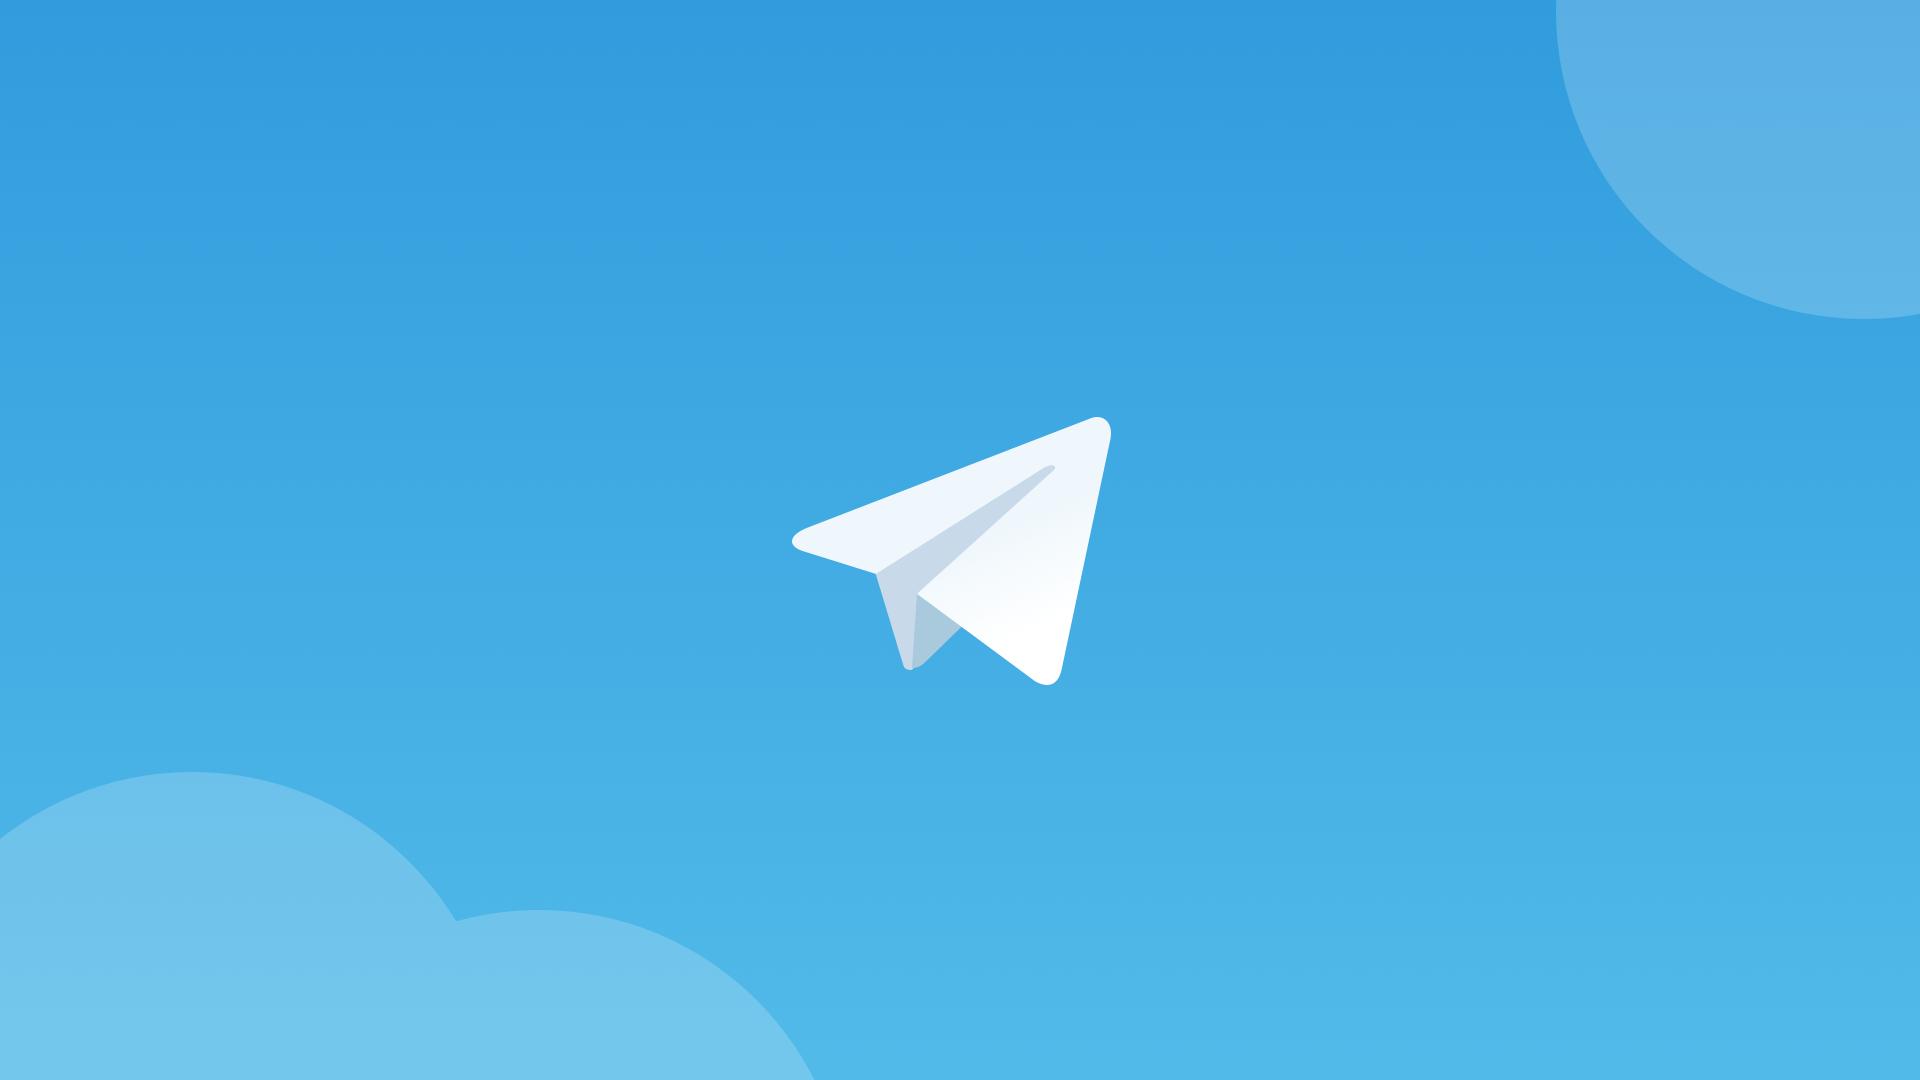 Telegram не собирается сотрудничать с российскими спецслужбами